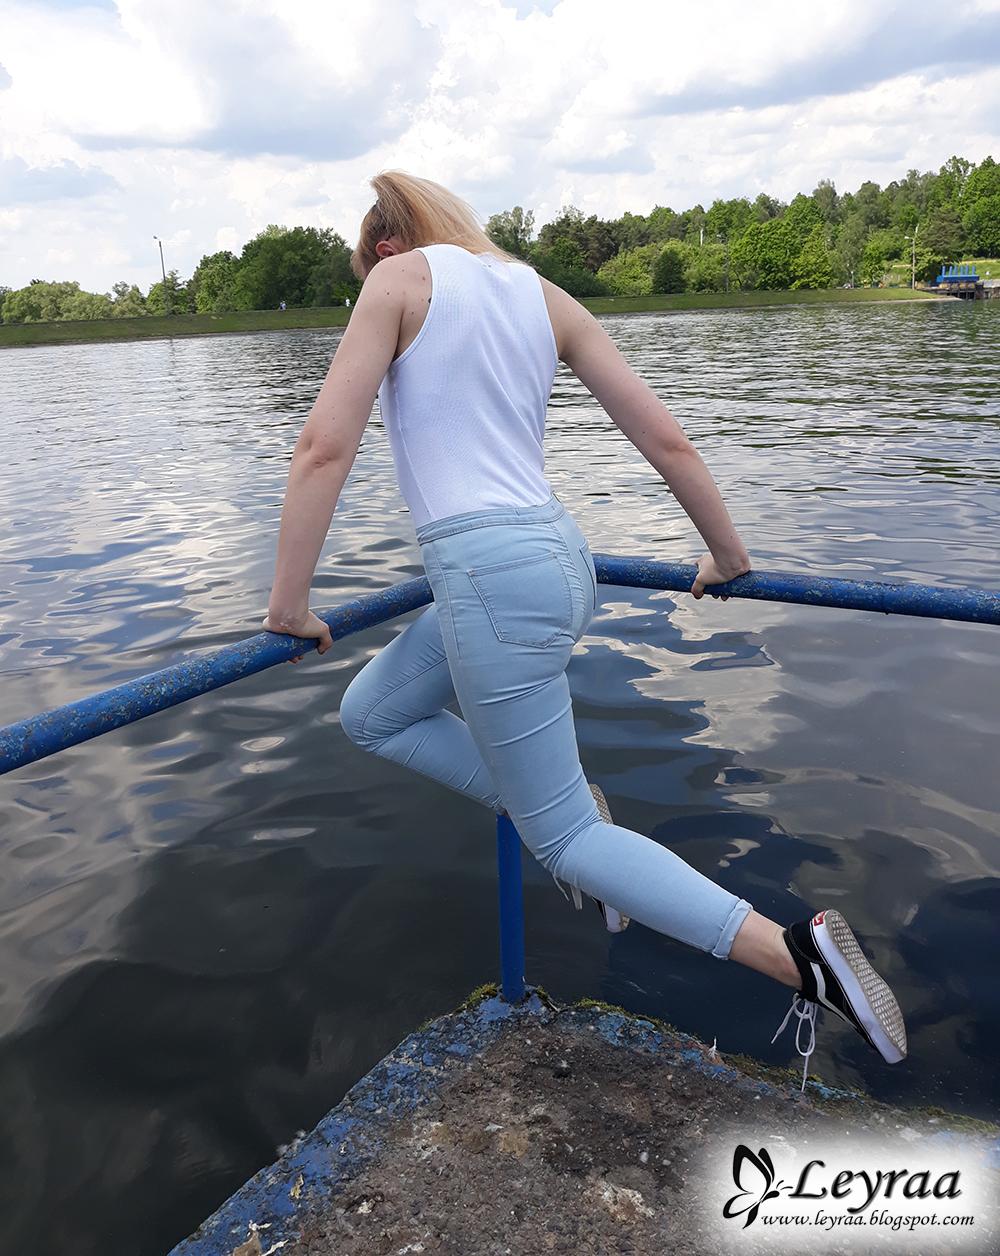 Jasne skinny jeans z wysokim stanem, biała klasyczna bokserka z kieszonką, buty vansy, pilotki lustrzane kolorowe